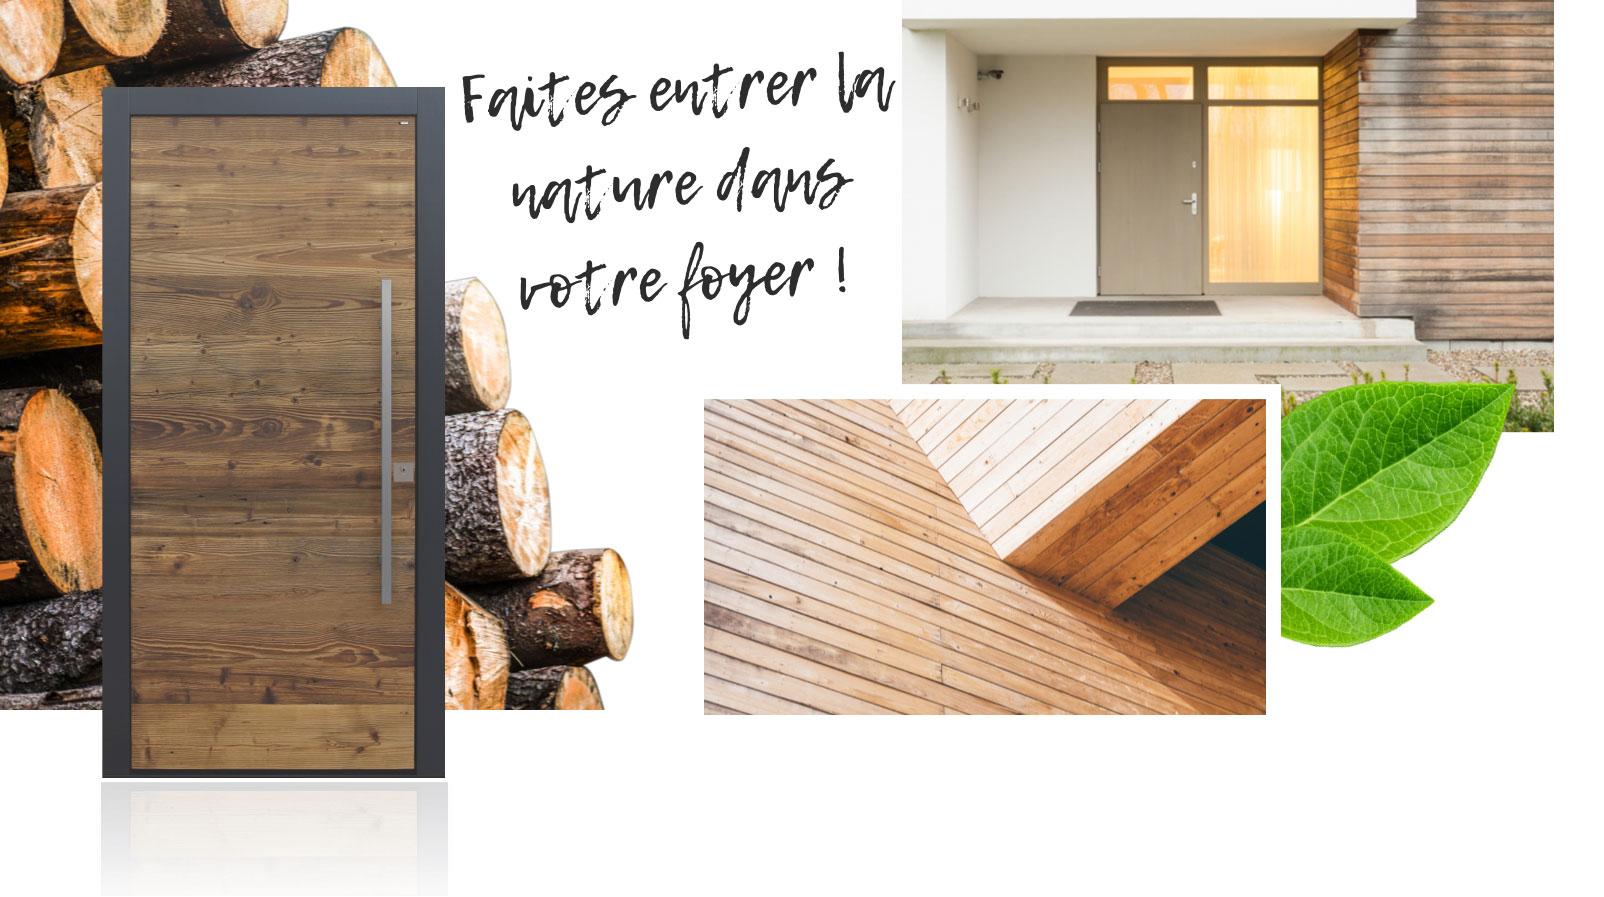 Faites entrer la nature dans votre foyer ! | marx Holzhandel